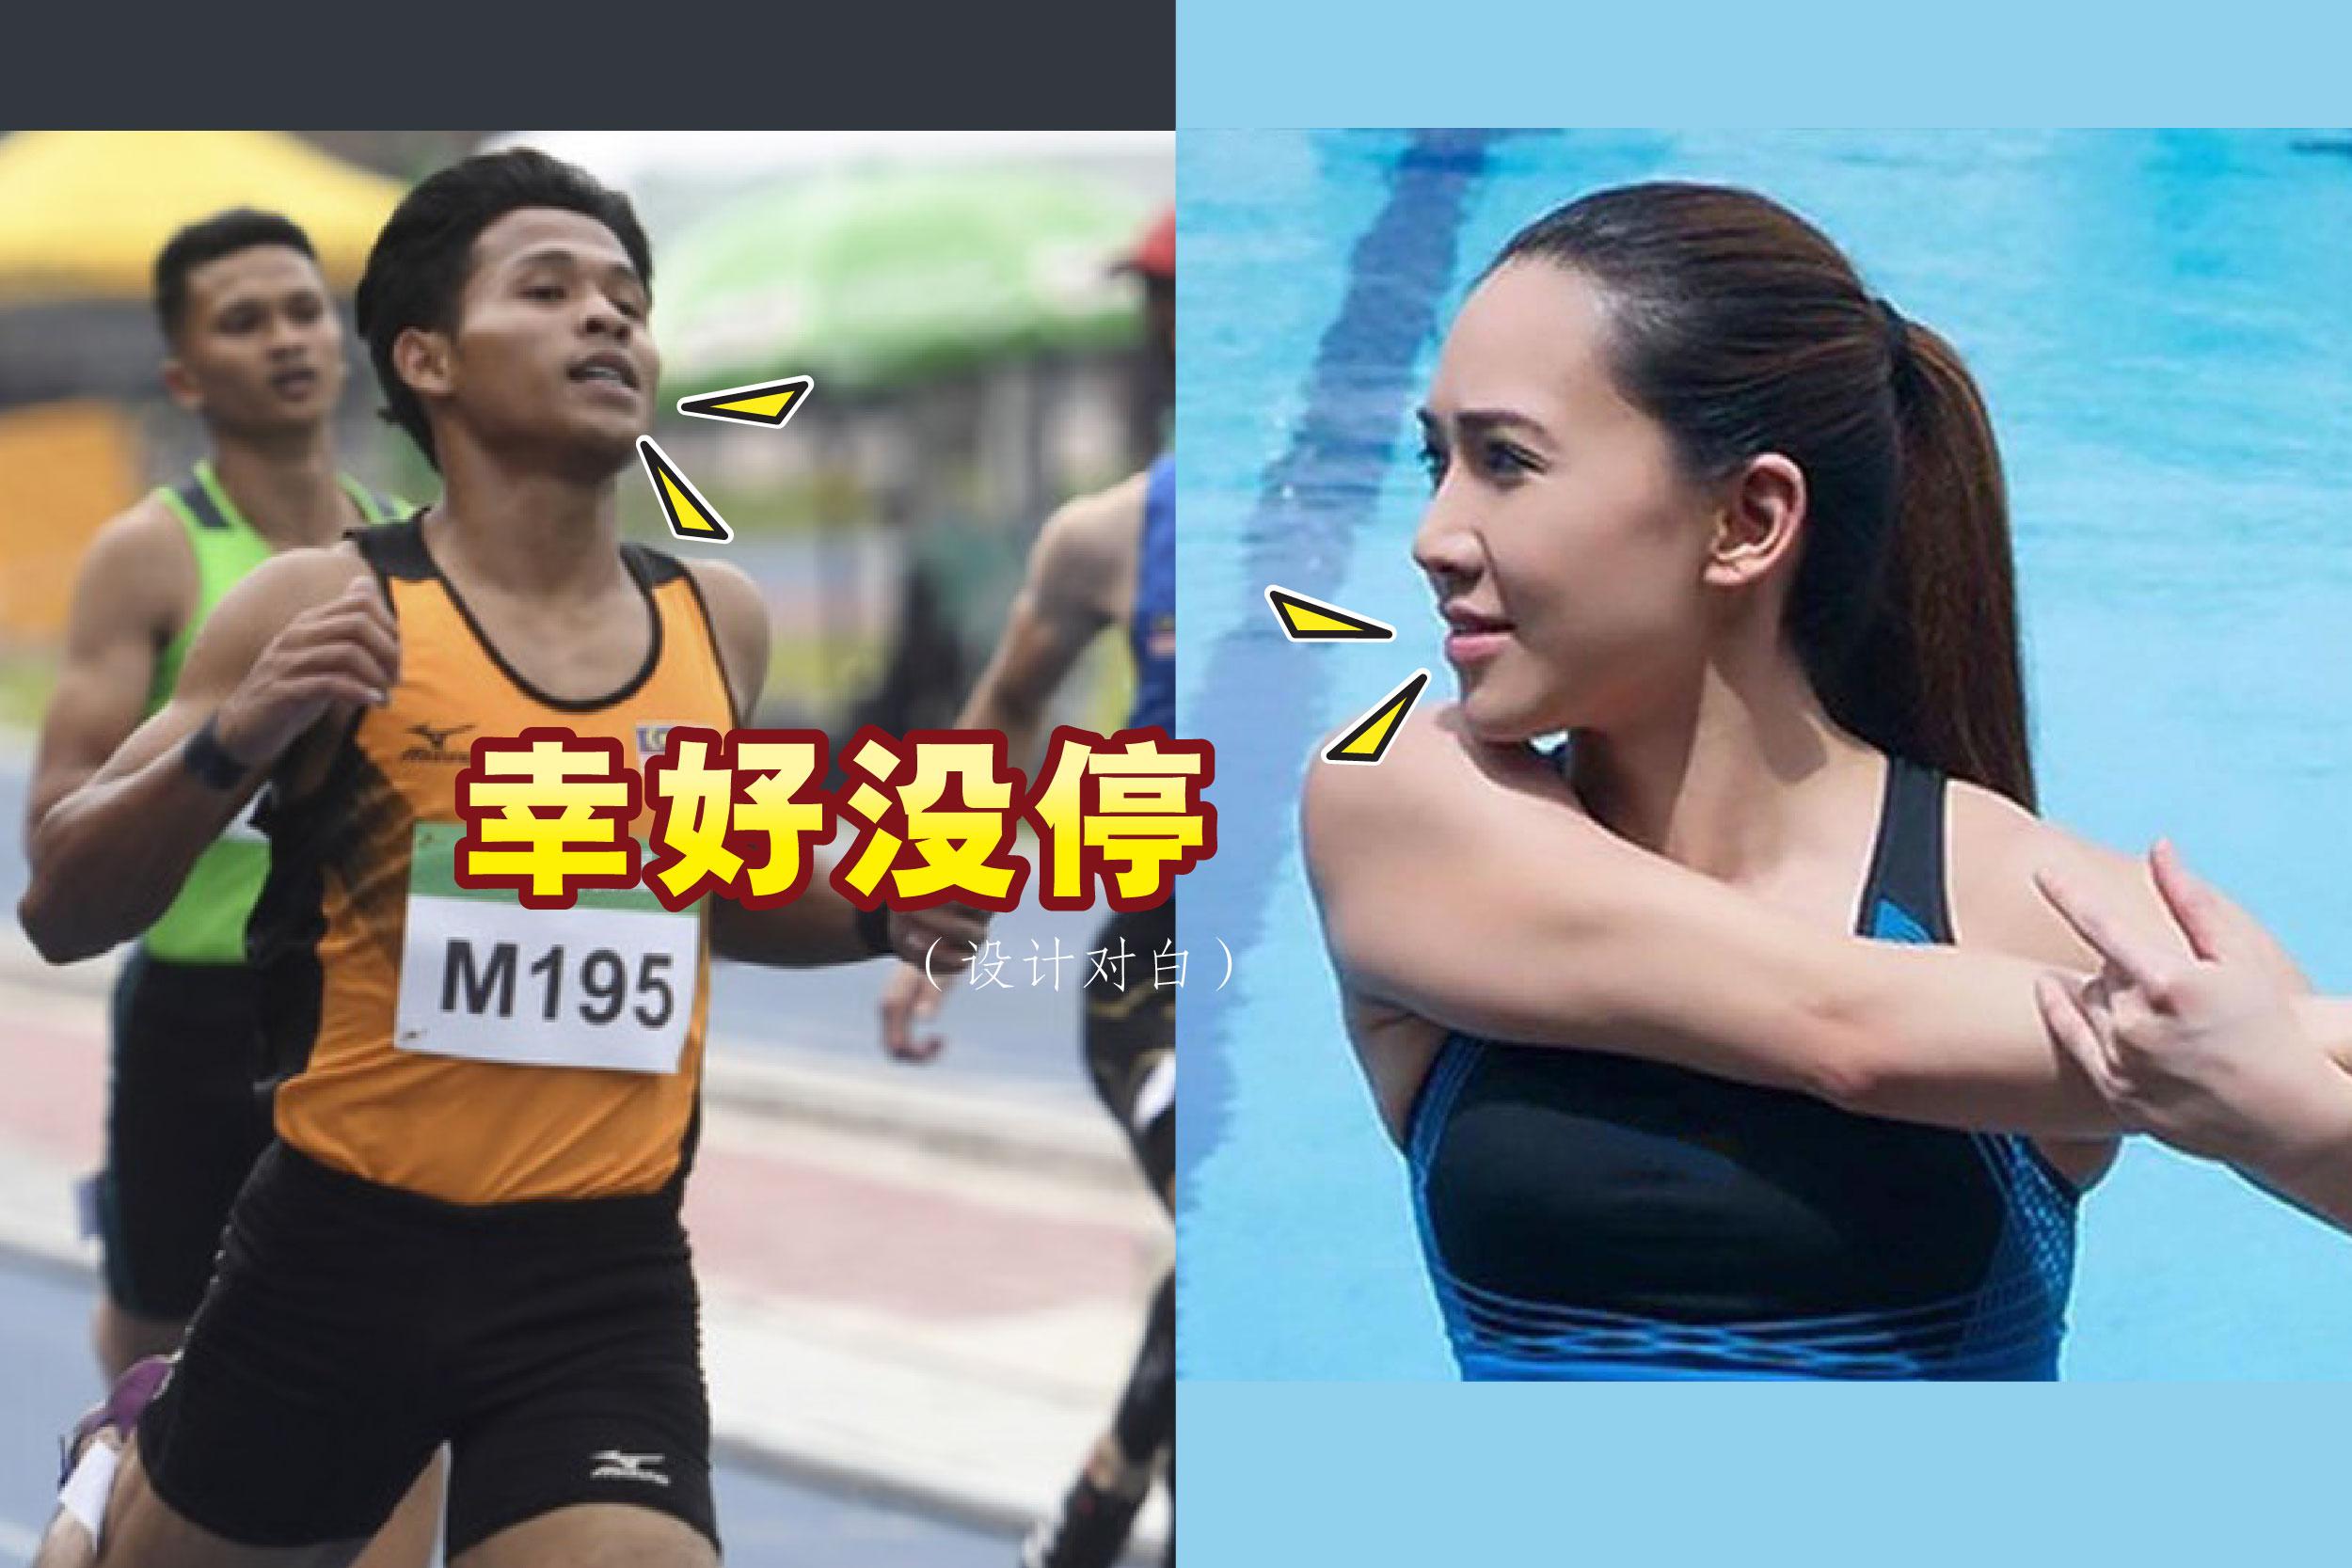 """在获悉CMCO期间可以照常训练后,国家队健儿东南亚飞人海卡哈纳菲(左)和""""跳水公主""""梁敏仪(右)都松了一口气。-精彩大马制图-"""